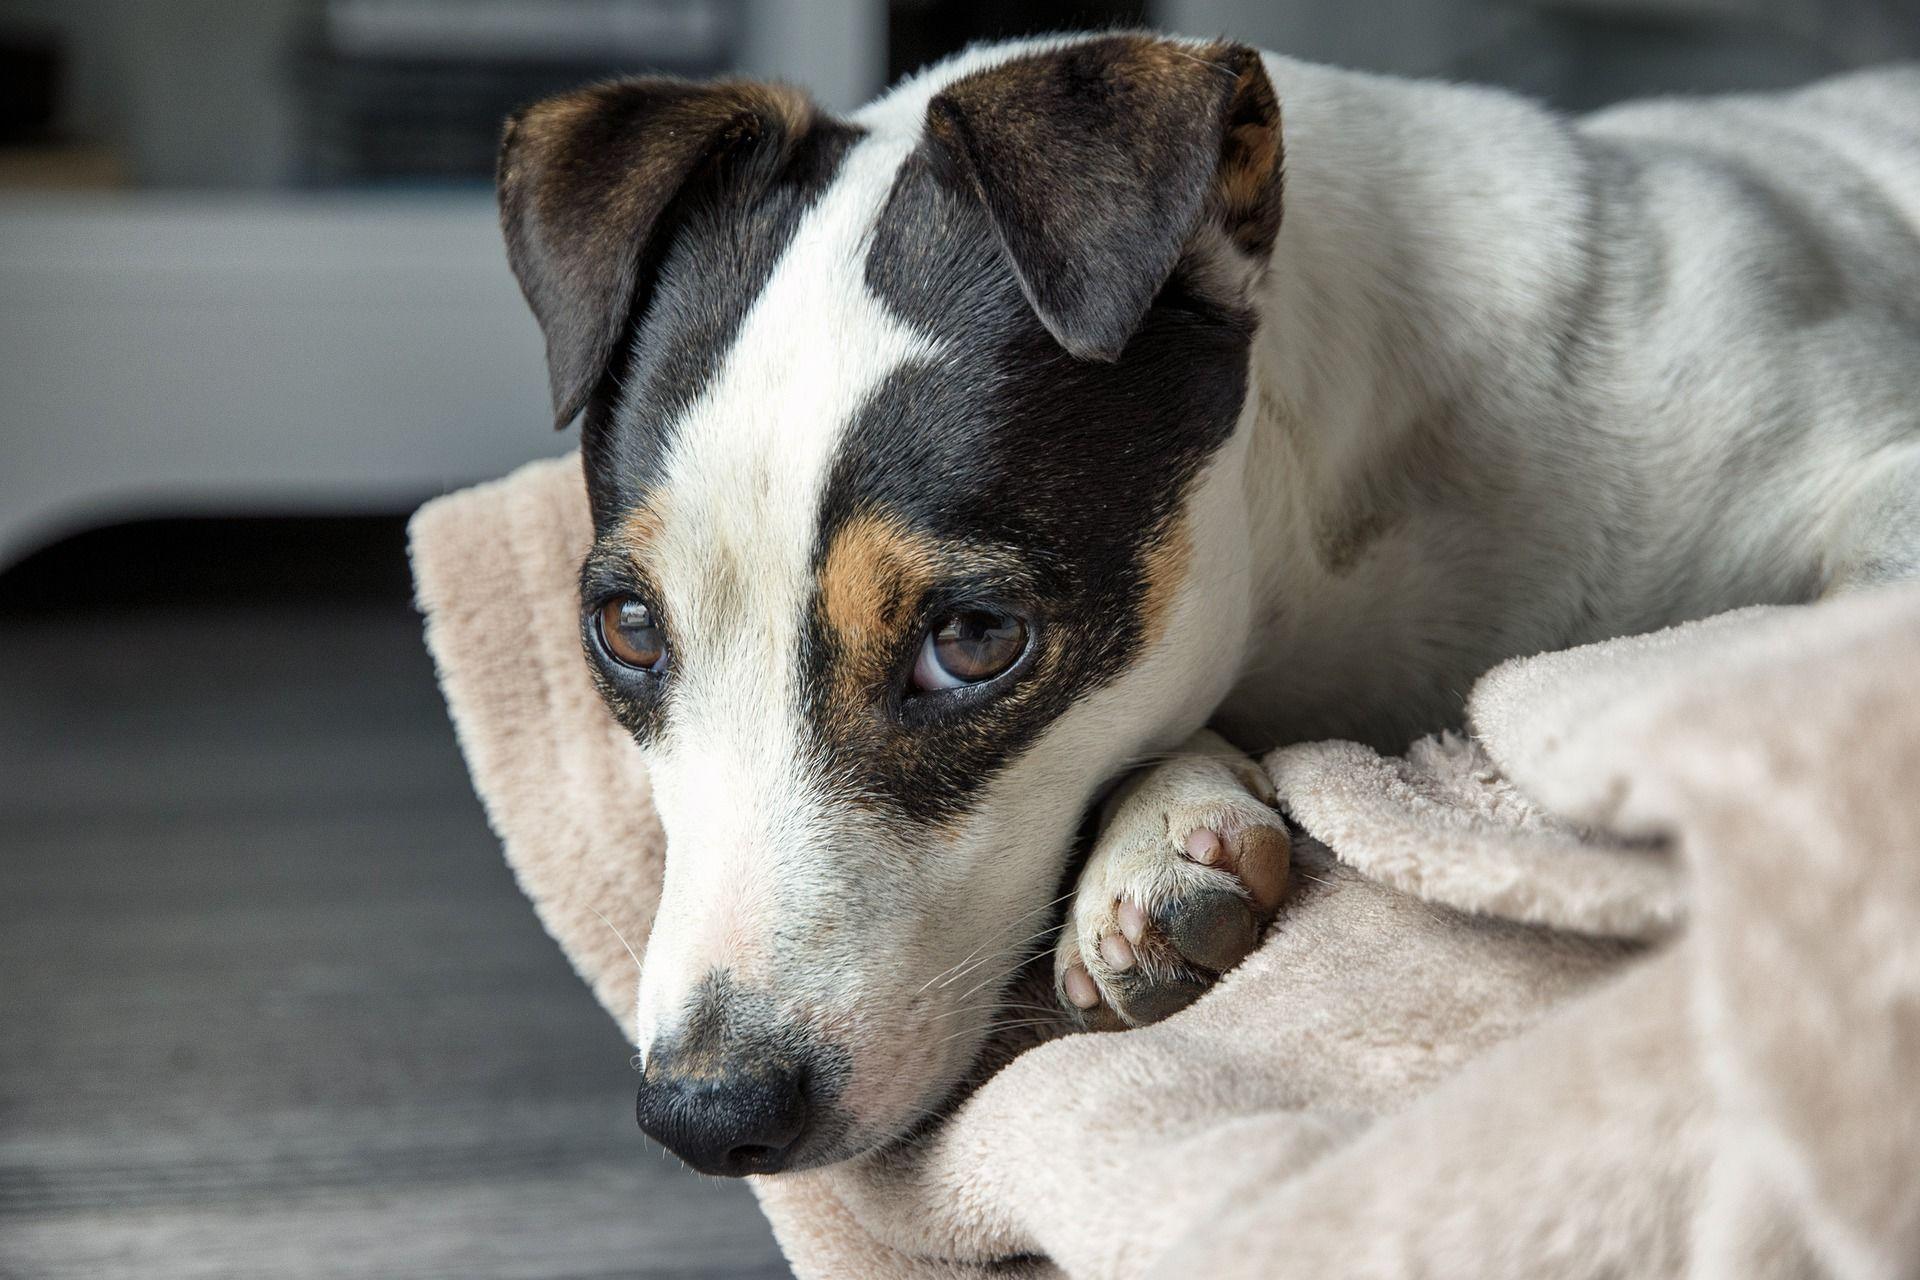 Лучшие фото собаки Джек рассел терьер фото мальчика